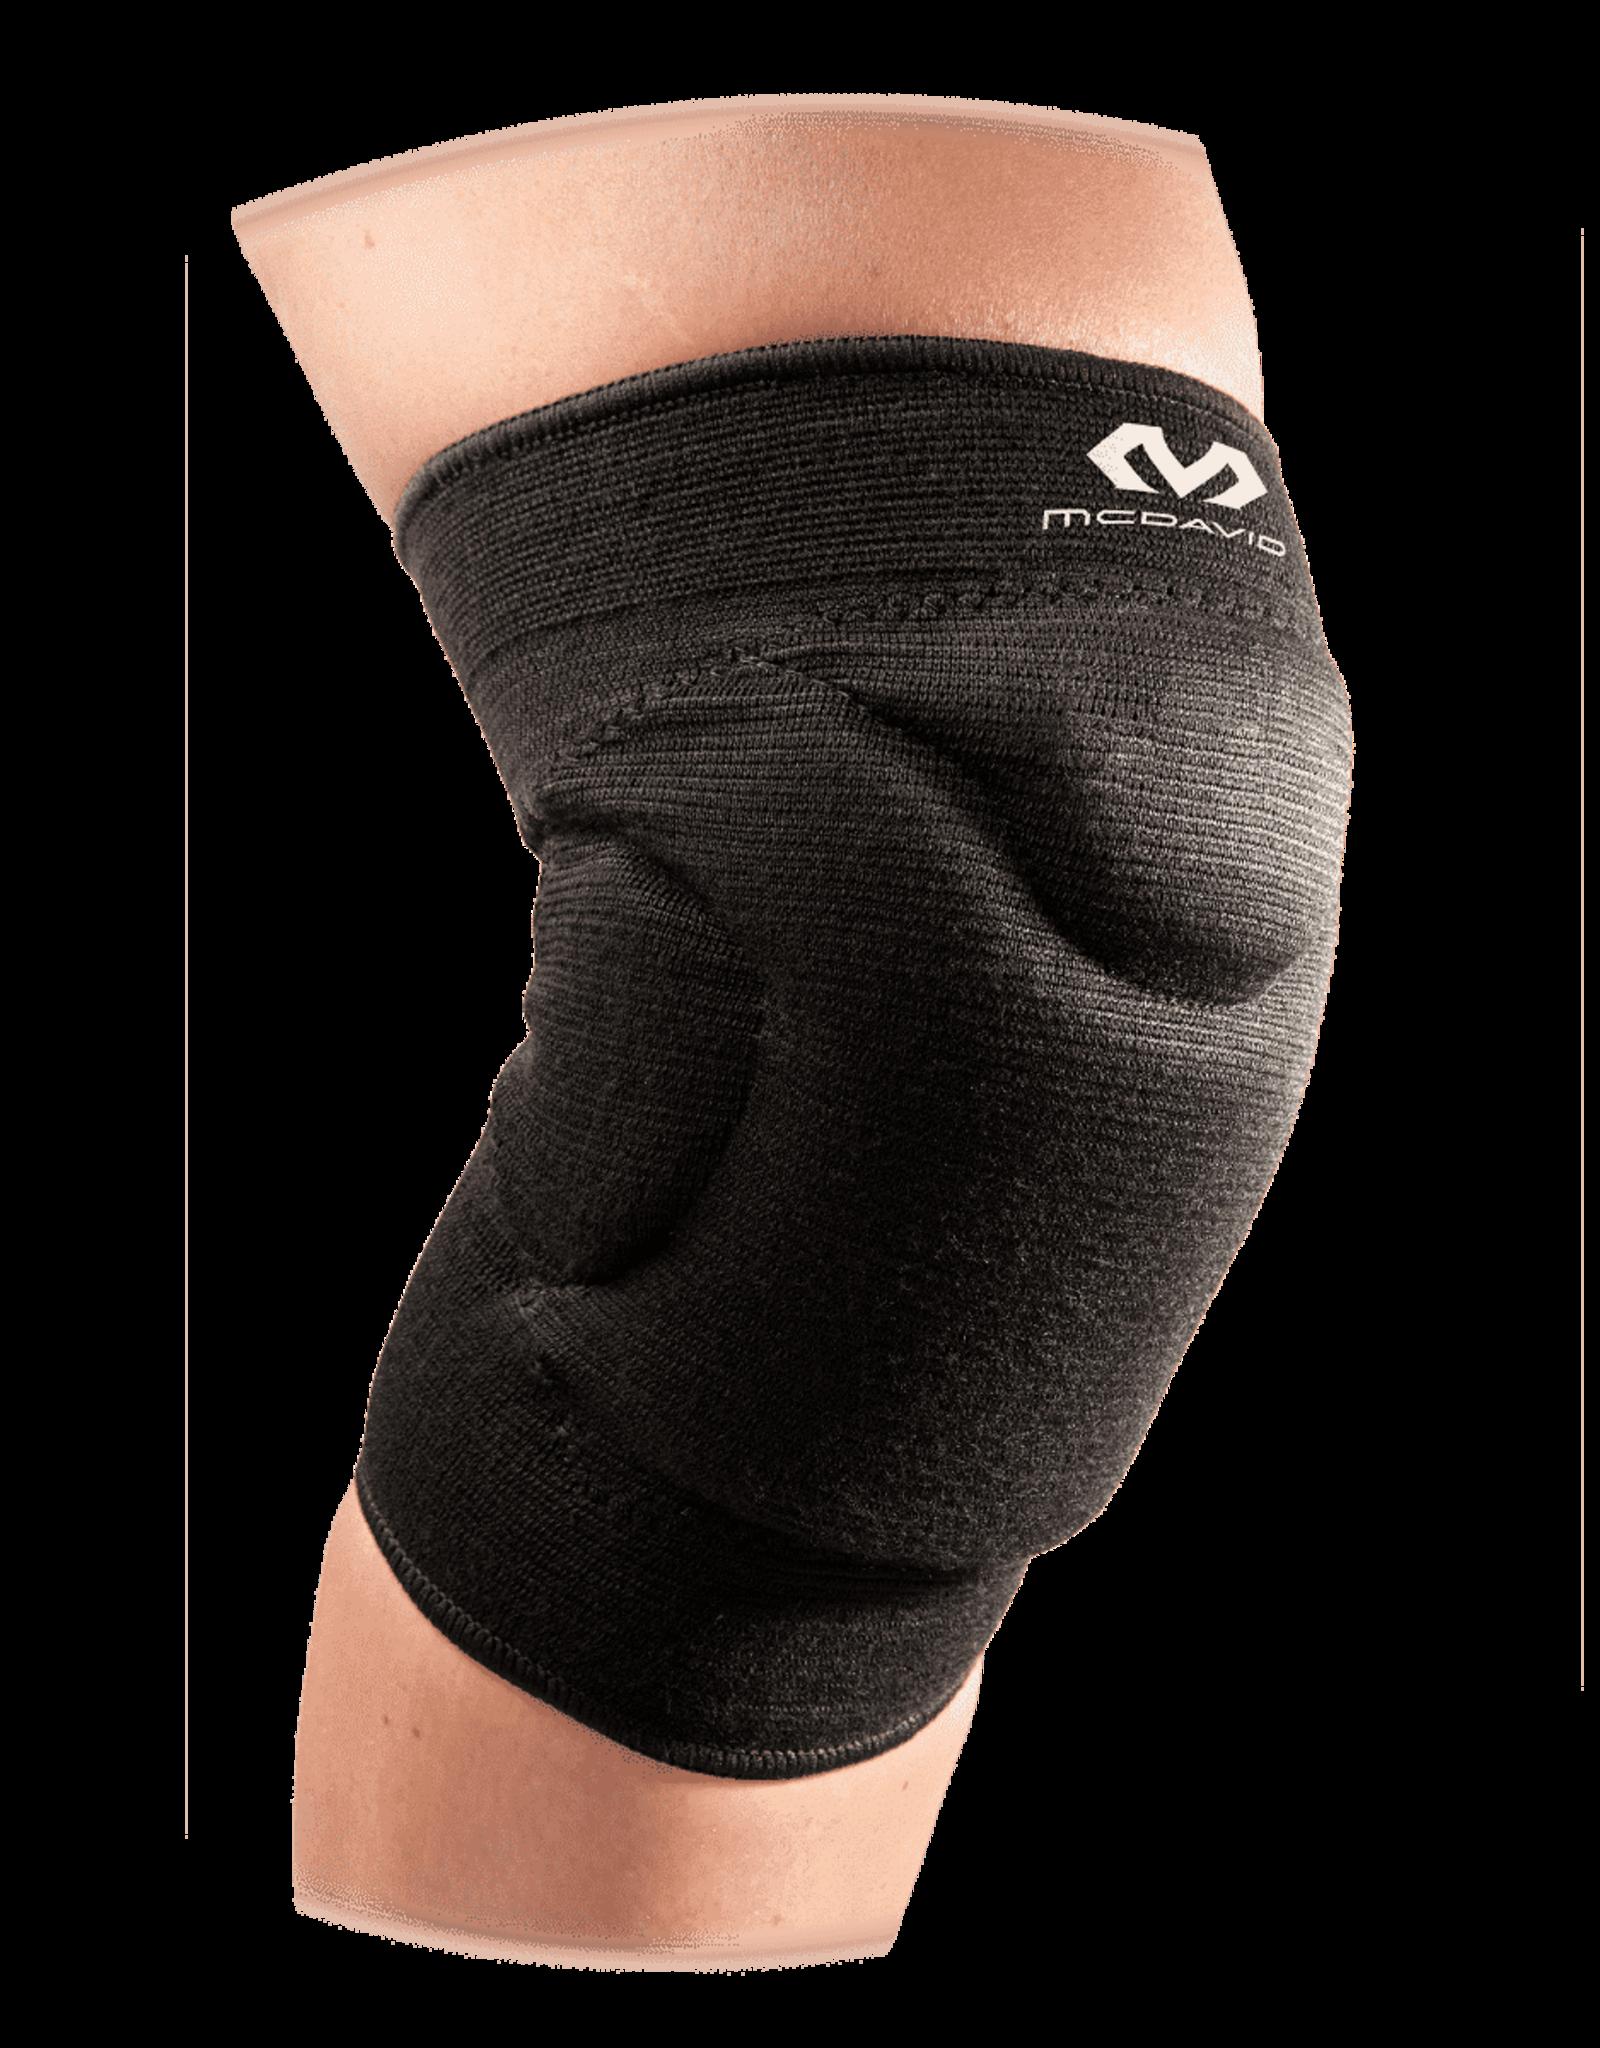 Mcdavid flex force knee pad